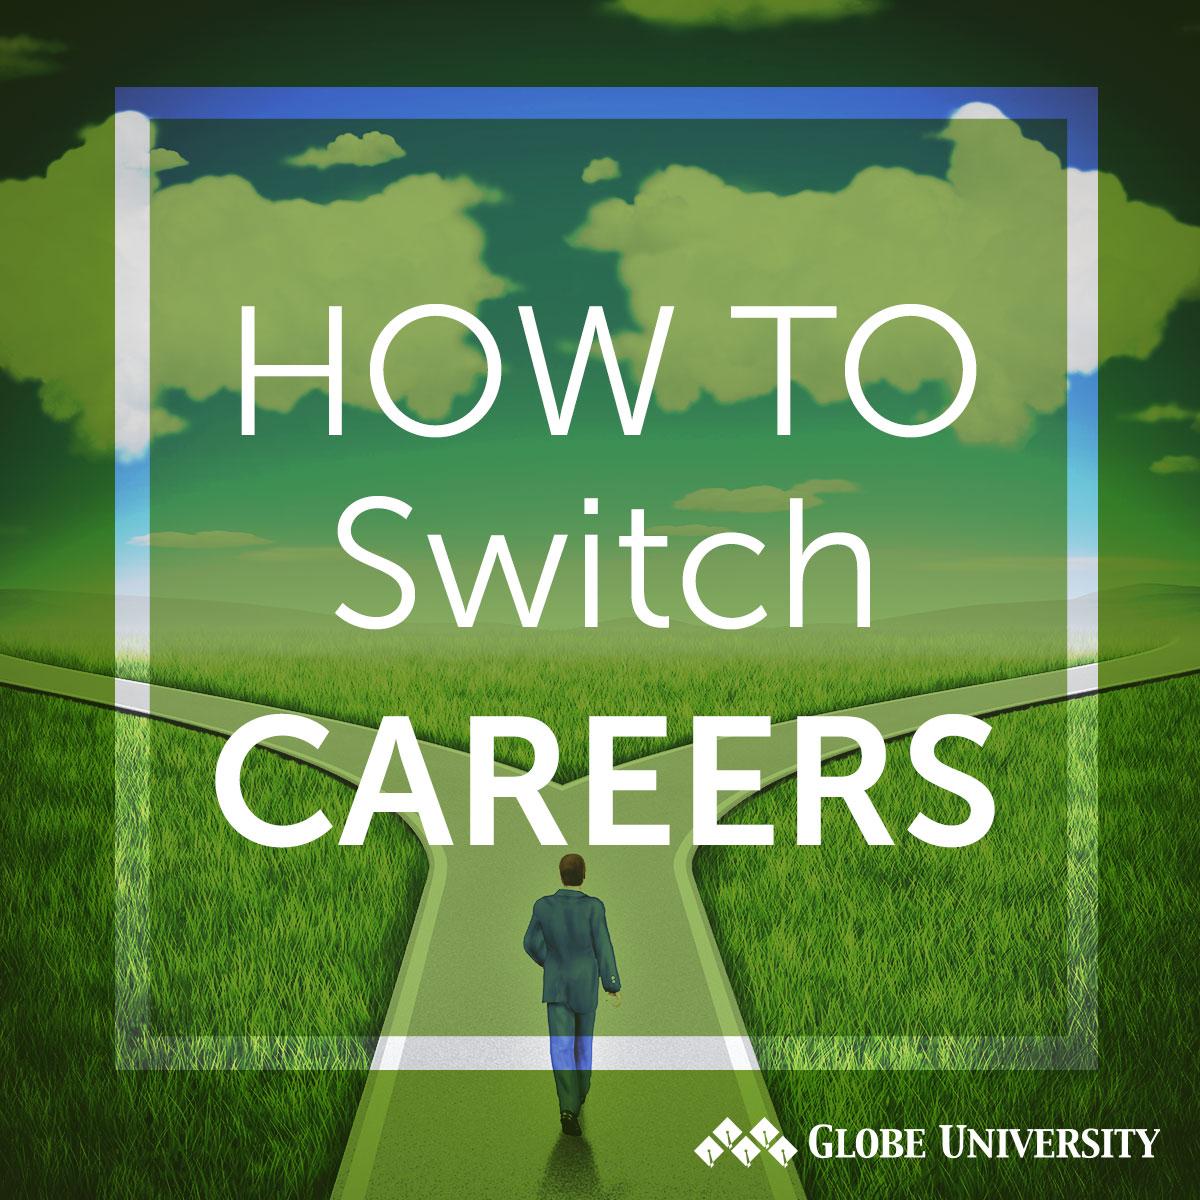 GU_Career_Tips_0215_SwitchCareers.jpg